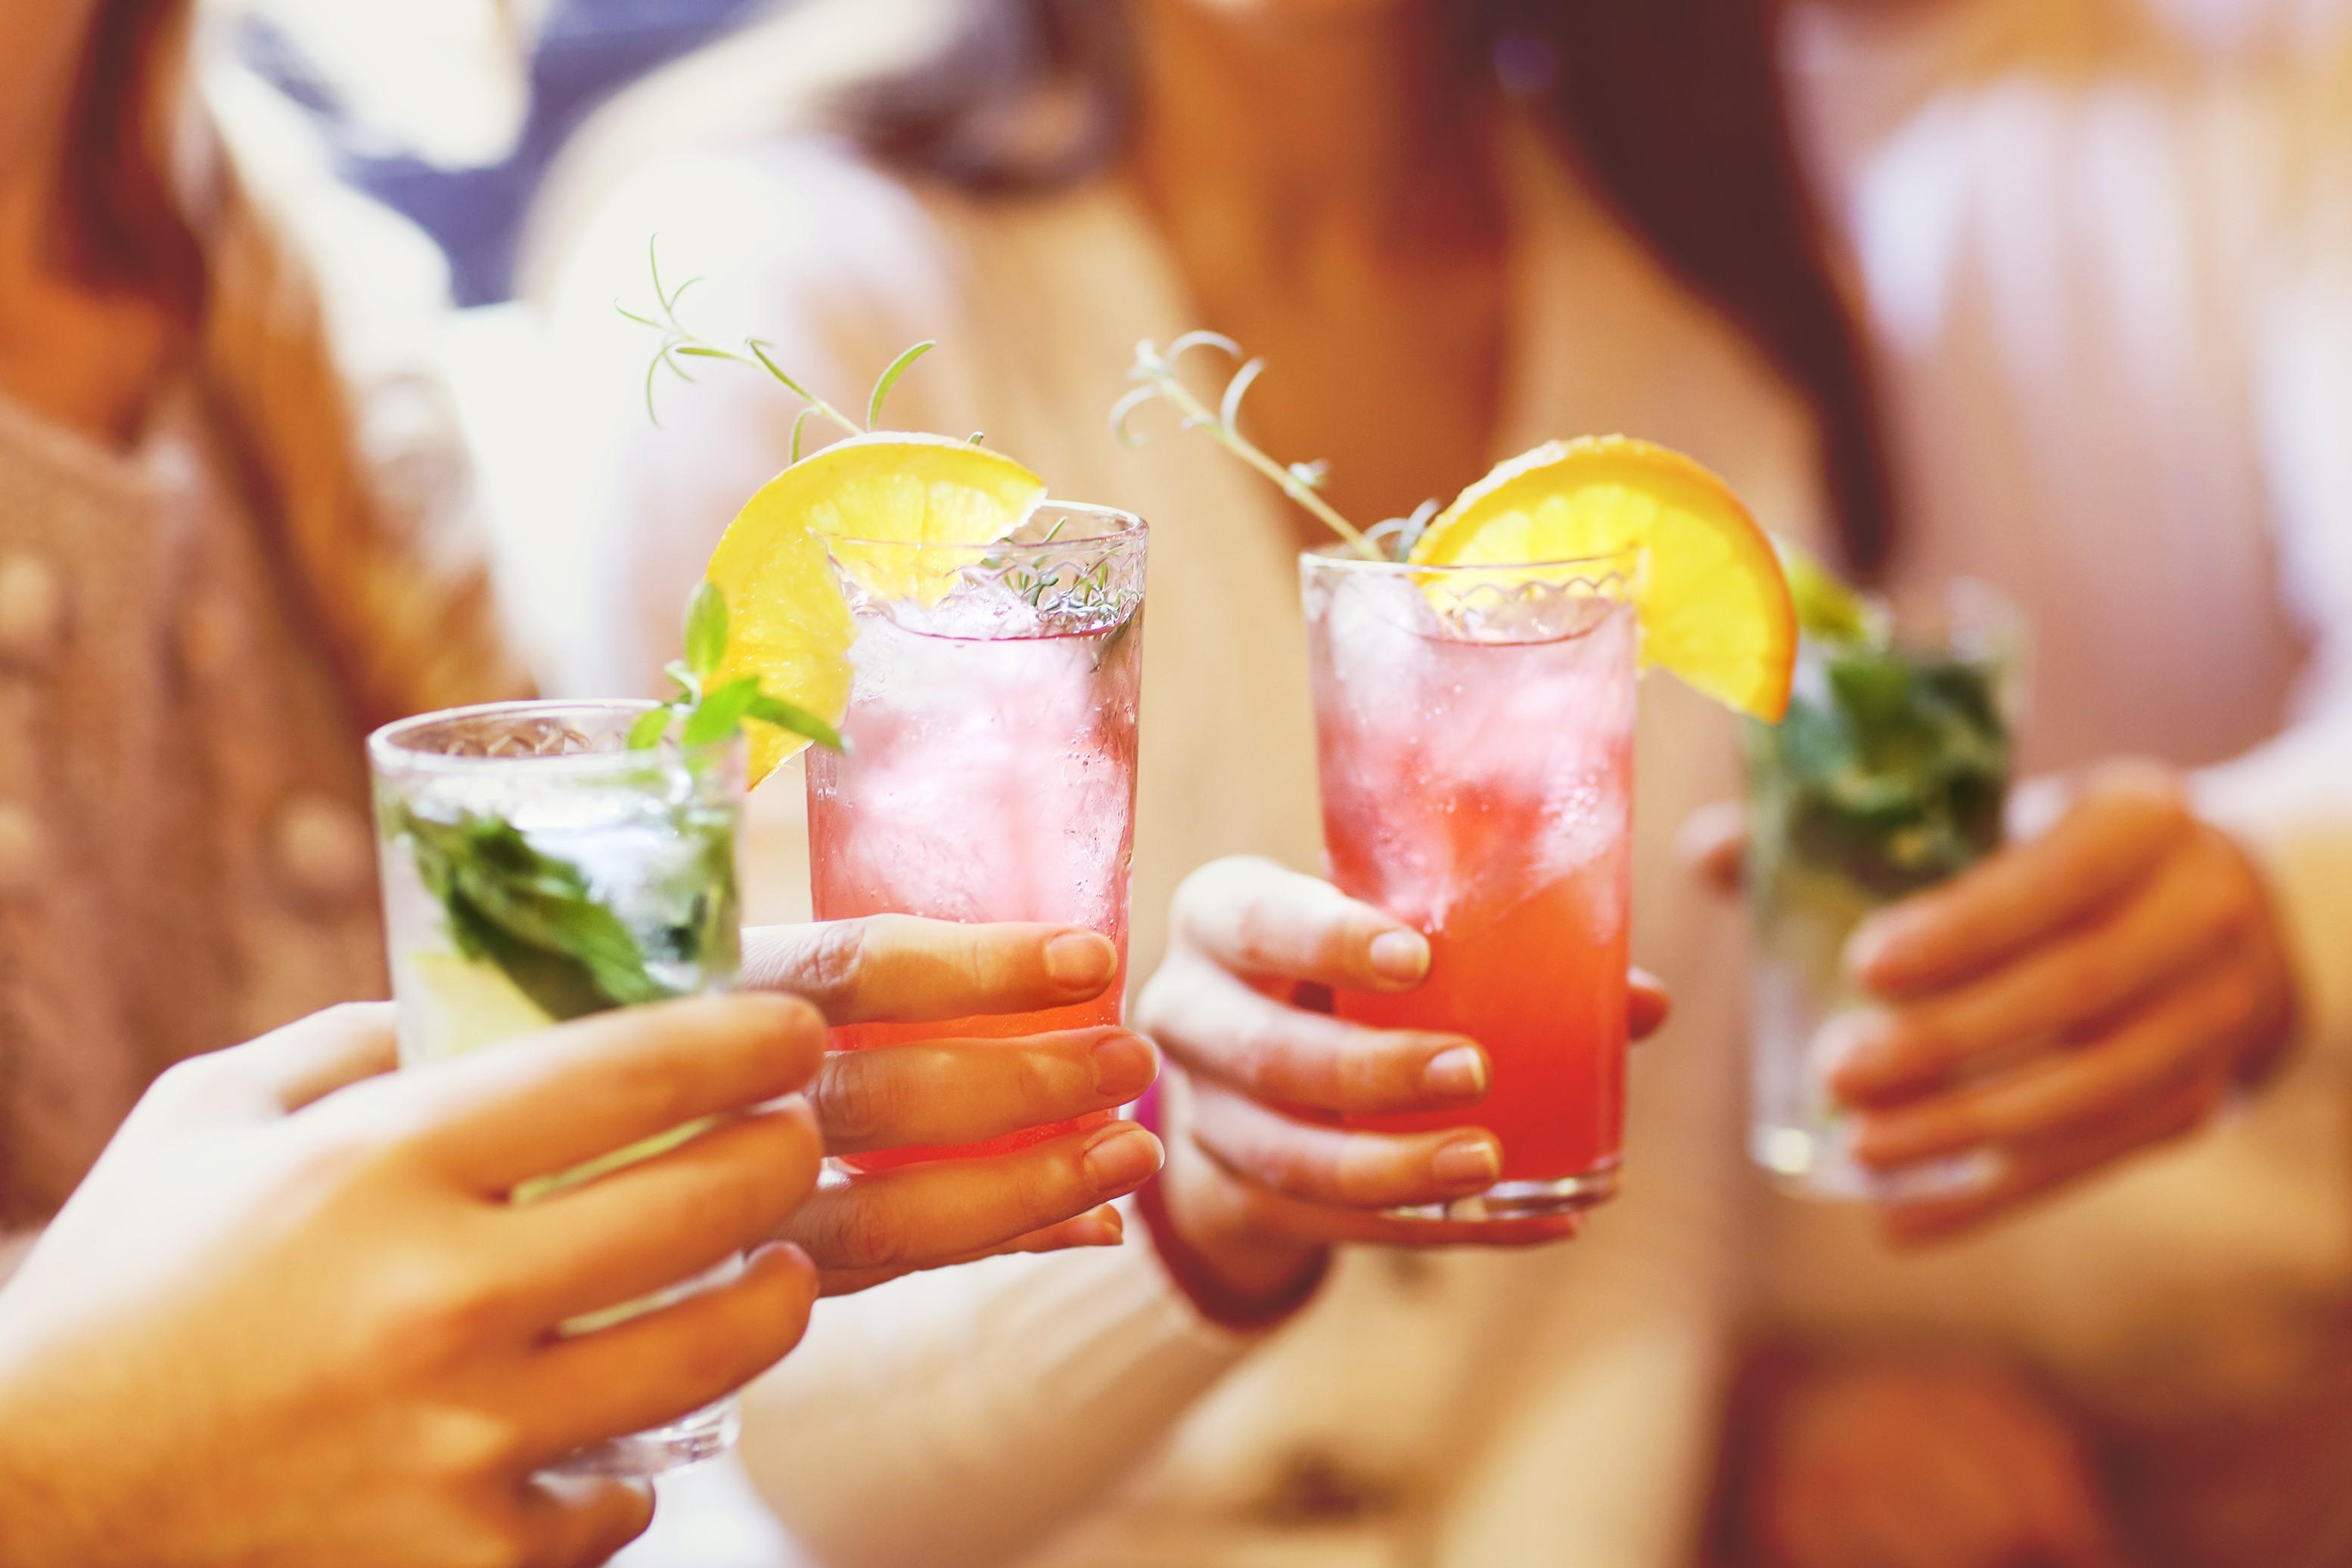 O segredo para um bom drinque é que menos é mais, explica o bartender Muñoz (Foto: Thinkstock)